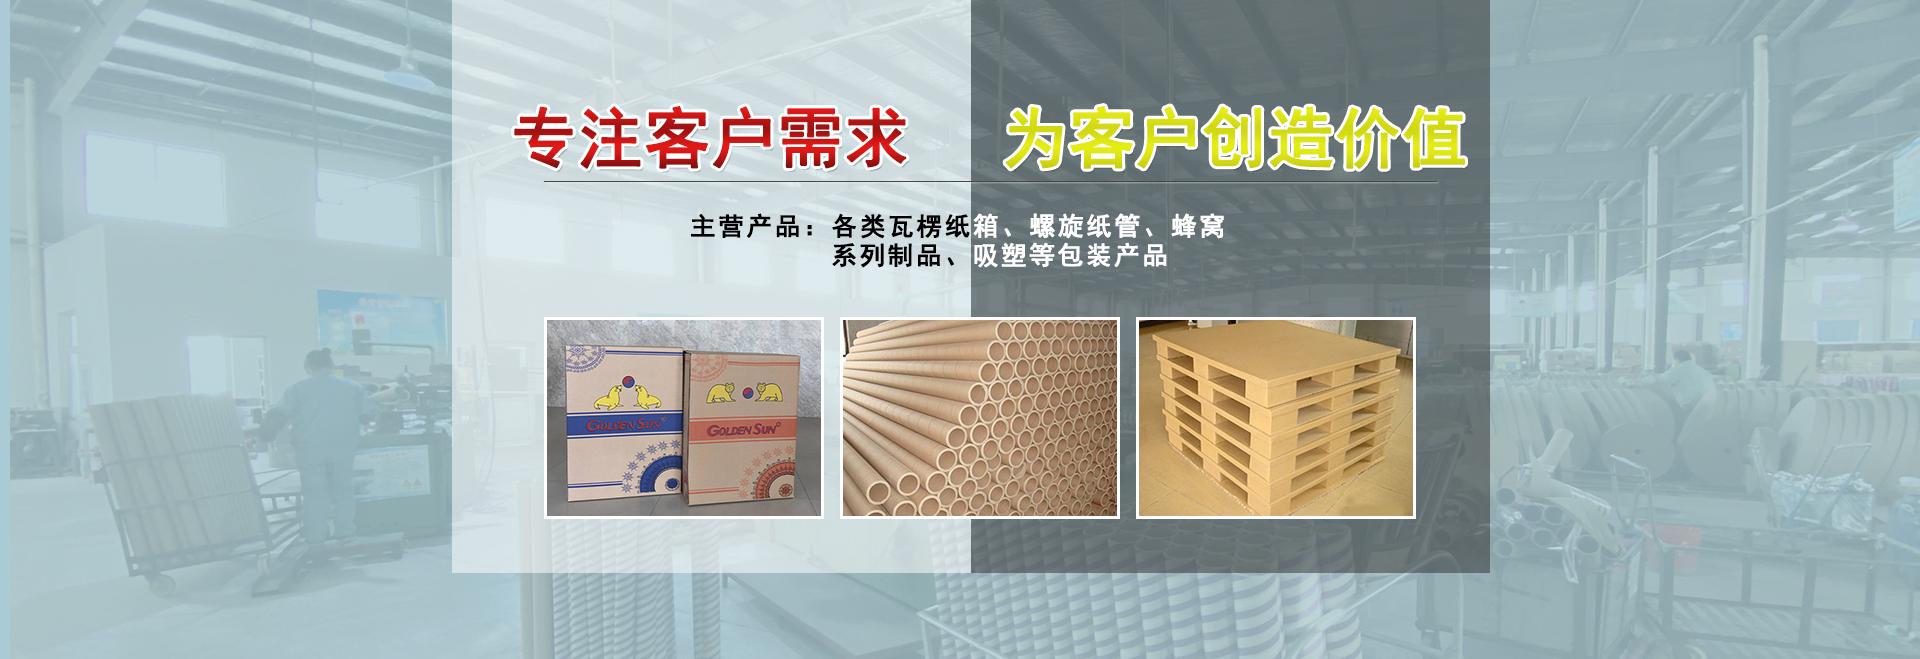 连云港纸箱厂